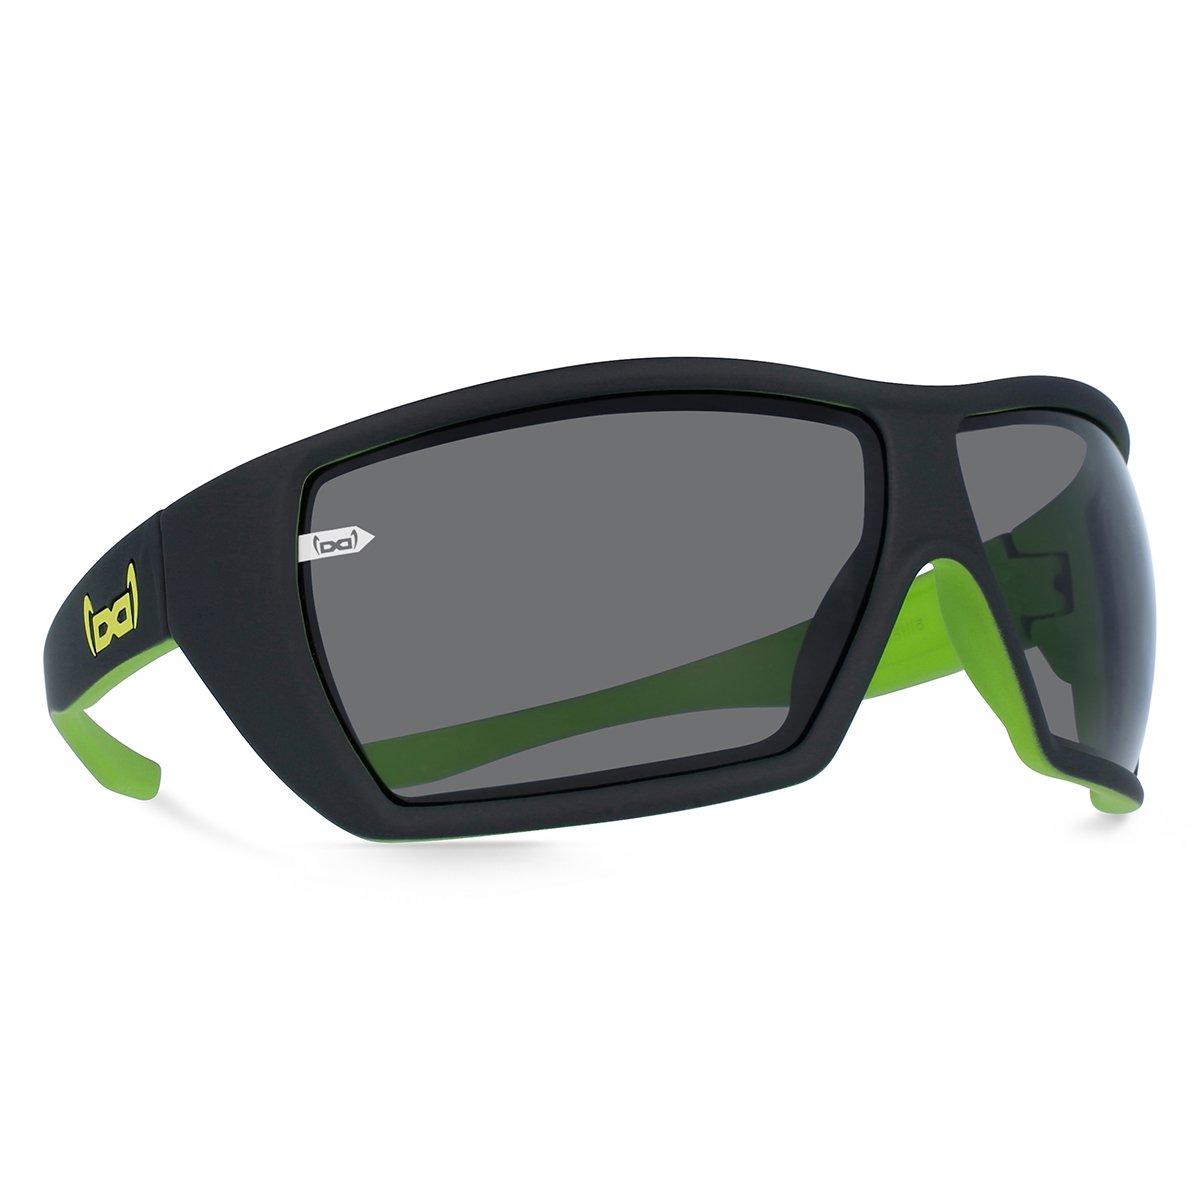 Gloryfy unbreakable eyewear Sonnenbrille G12 devil Grün, schwarz grün